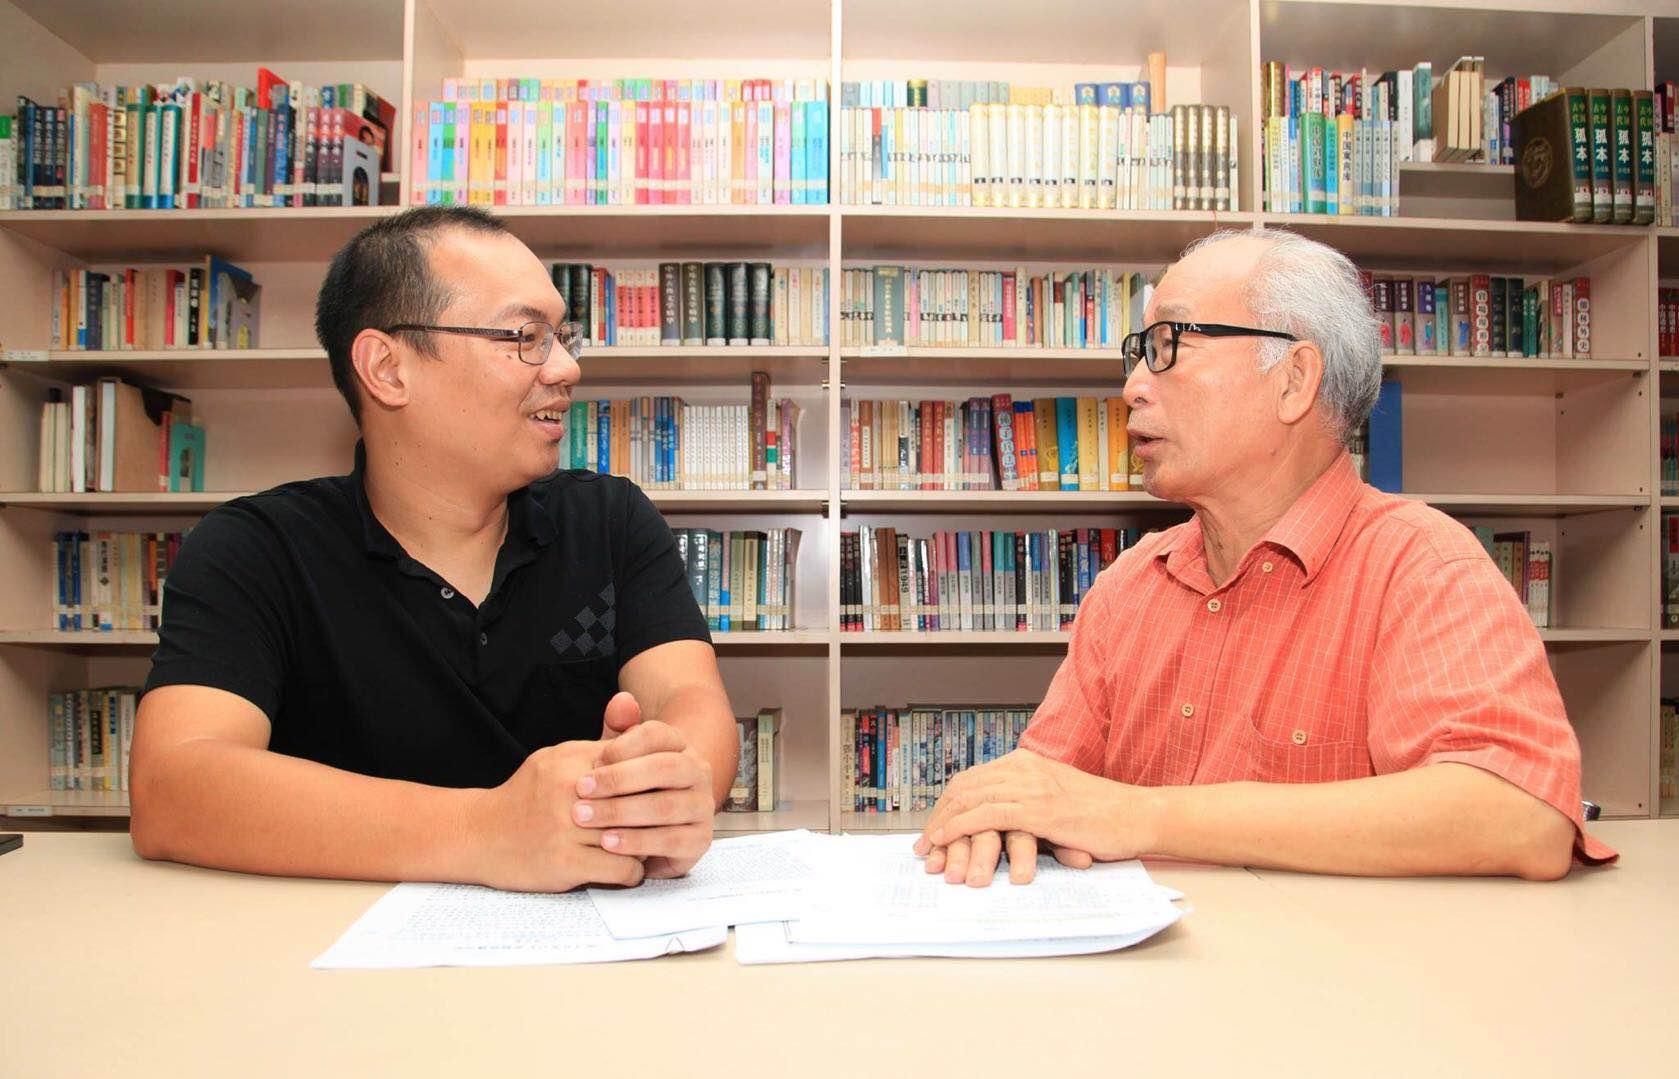 陳志峰表示,鄧景濱教授是自己的啟蒙恩師,由於受到他的影響,自己才會走上教壇之路。(圖片由受訪者提供)